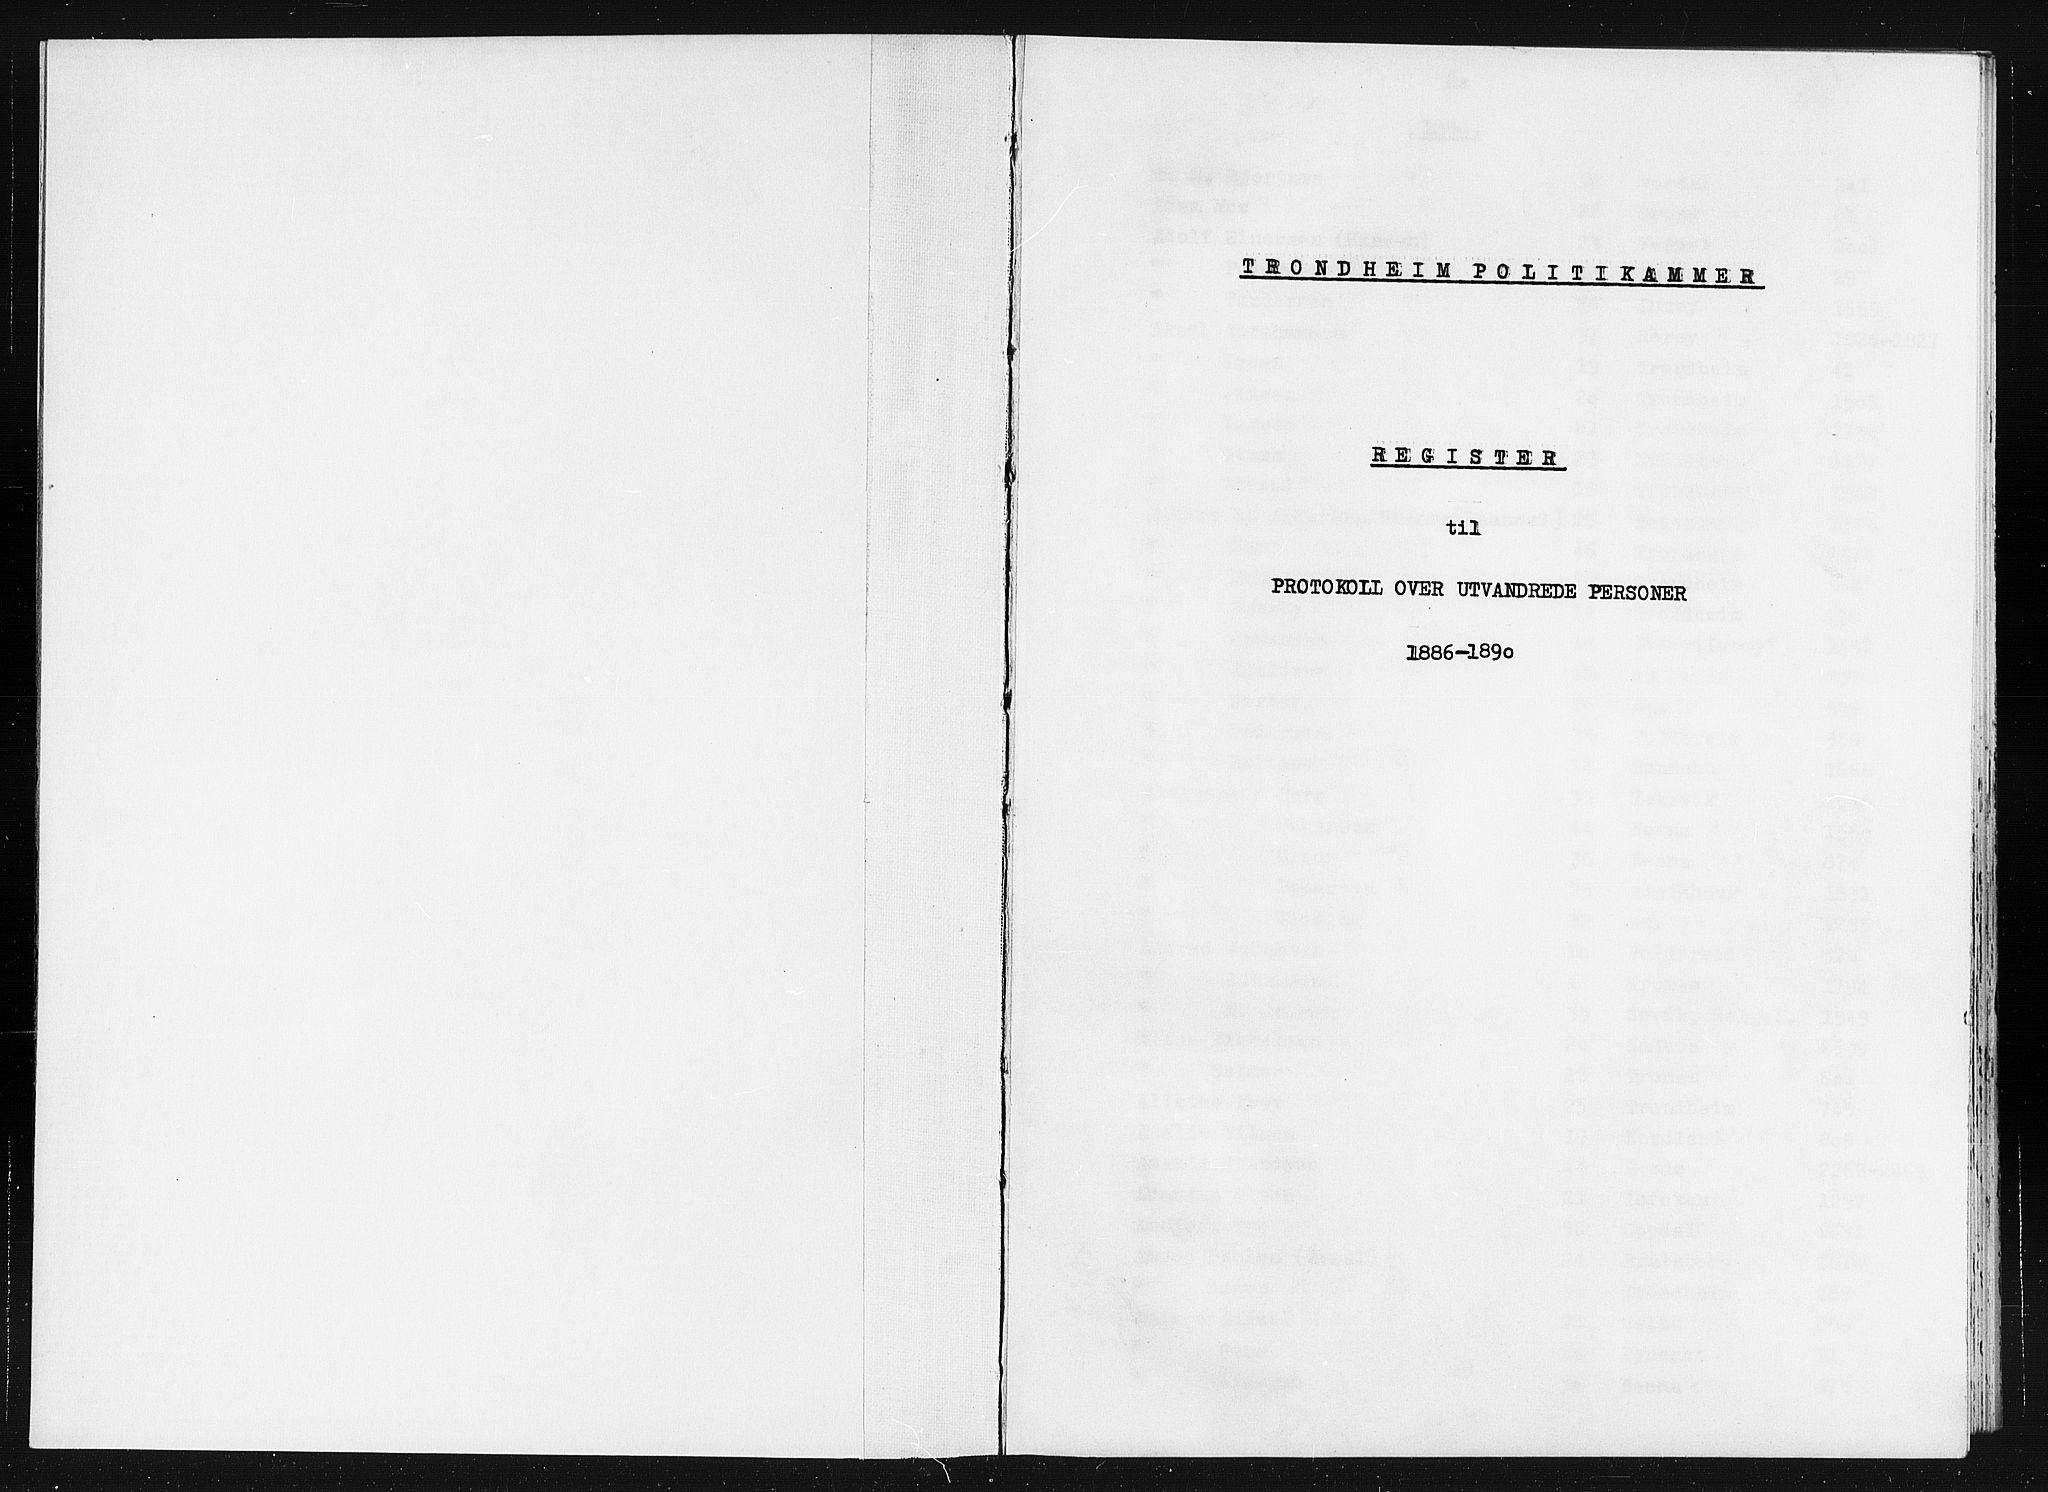 SAT, Trondheim politikammer, 32/L0019: Registre til emigrantprotokollene, 1886-1890